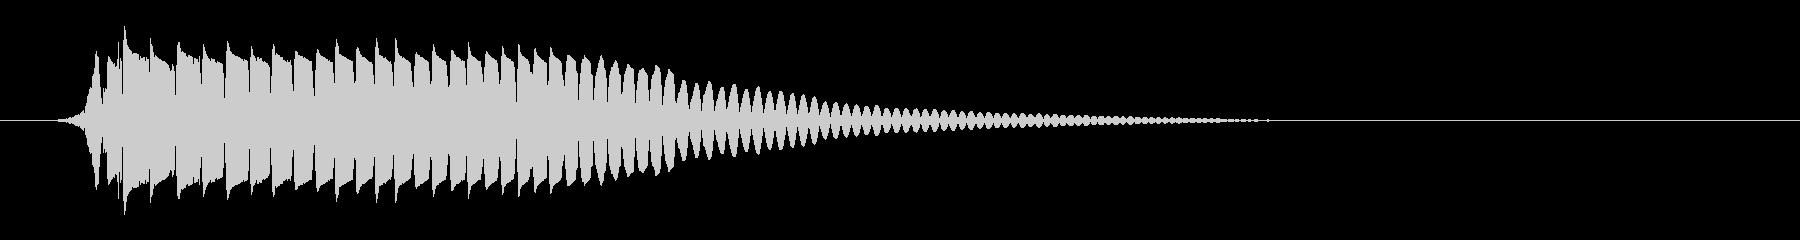 ポヨン(バウンドの音色)の未再生の波形